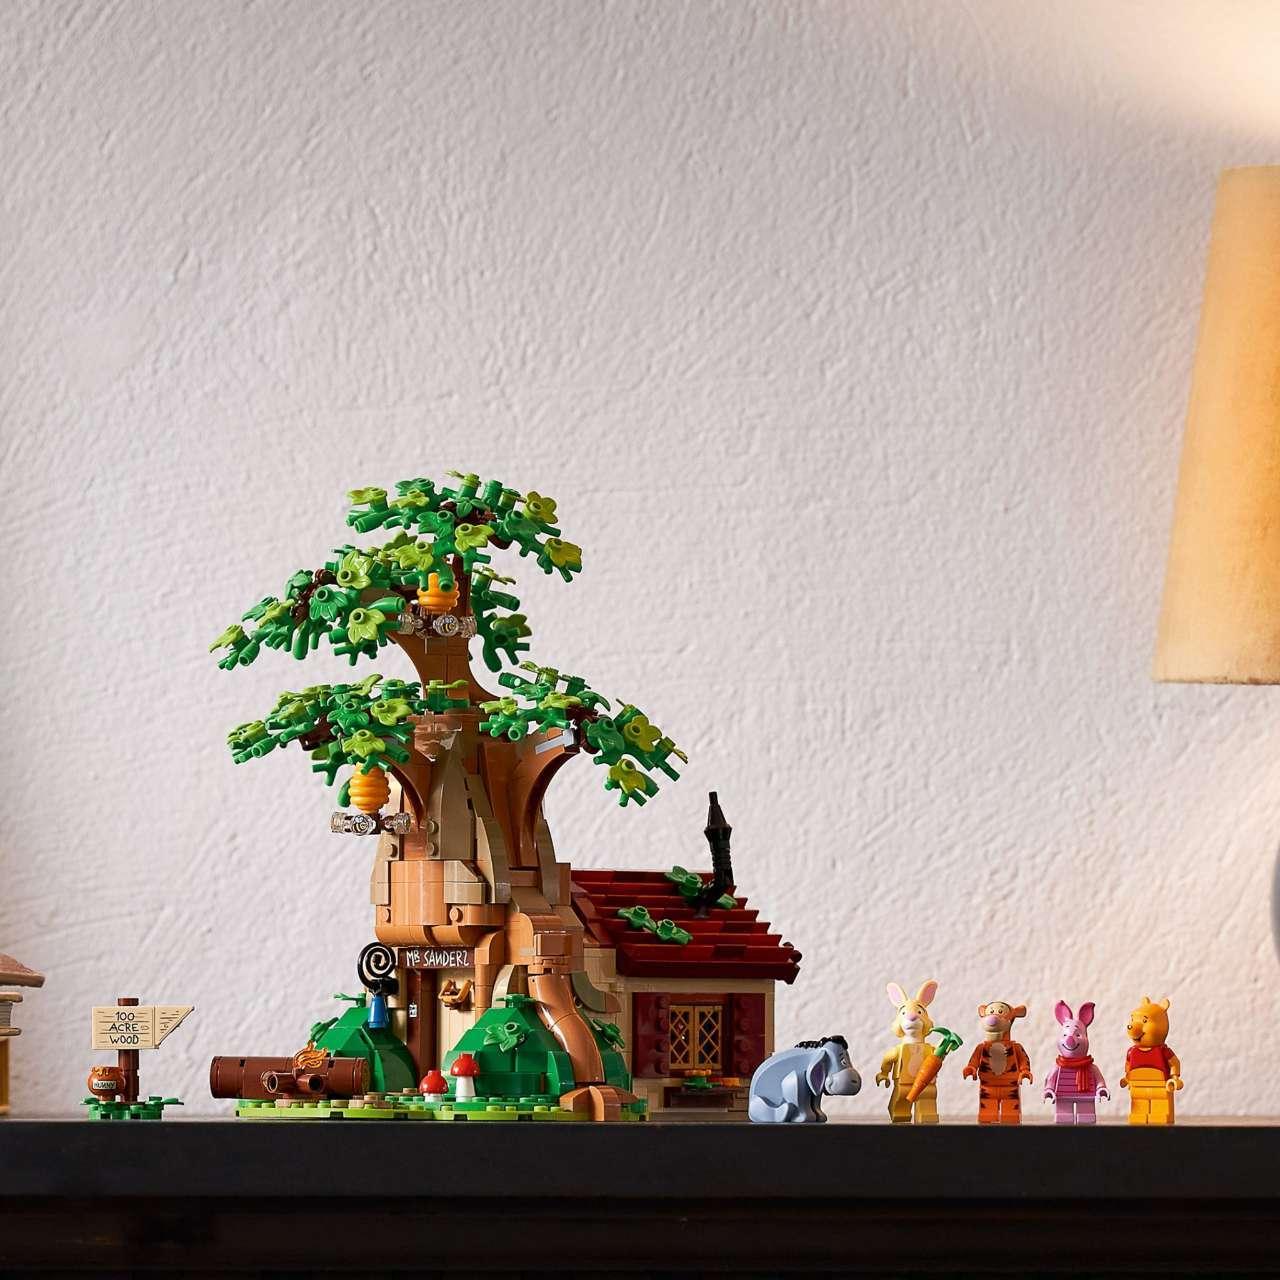 lego-ideas-winnie-the-pooh-6